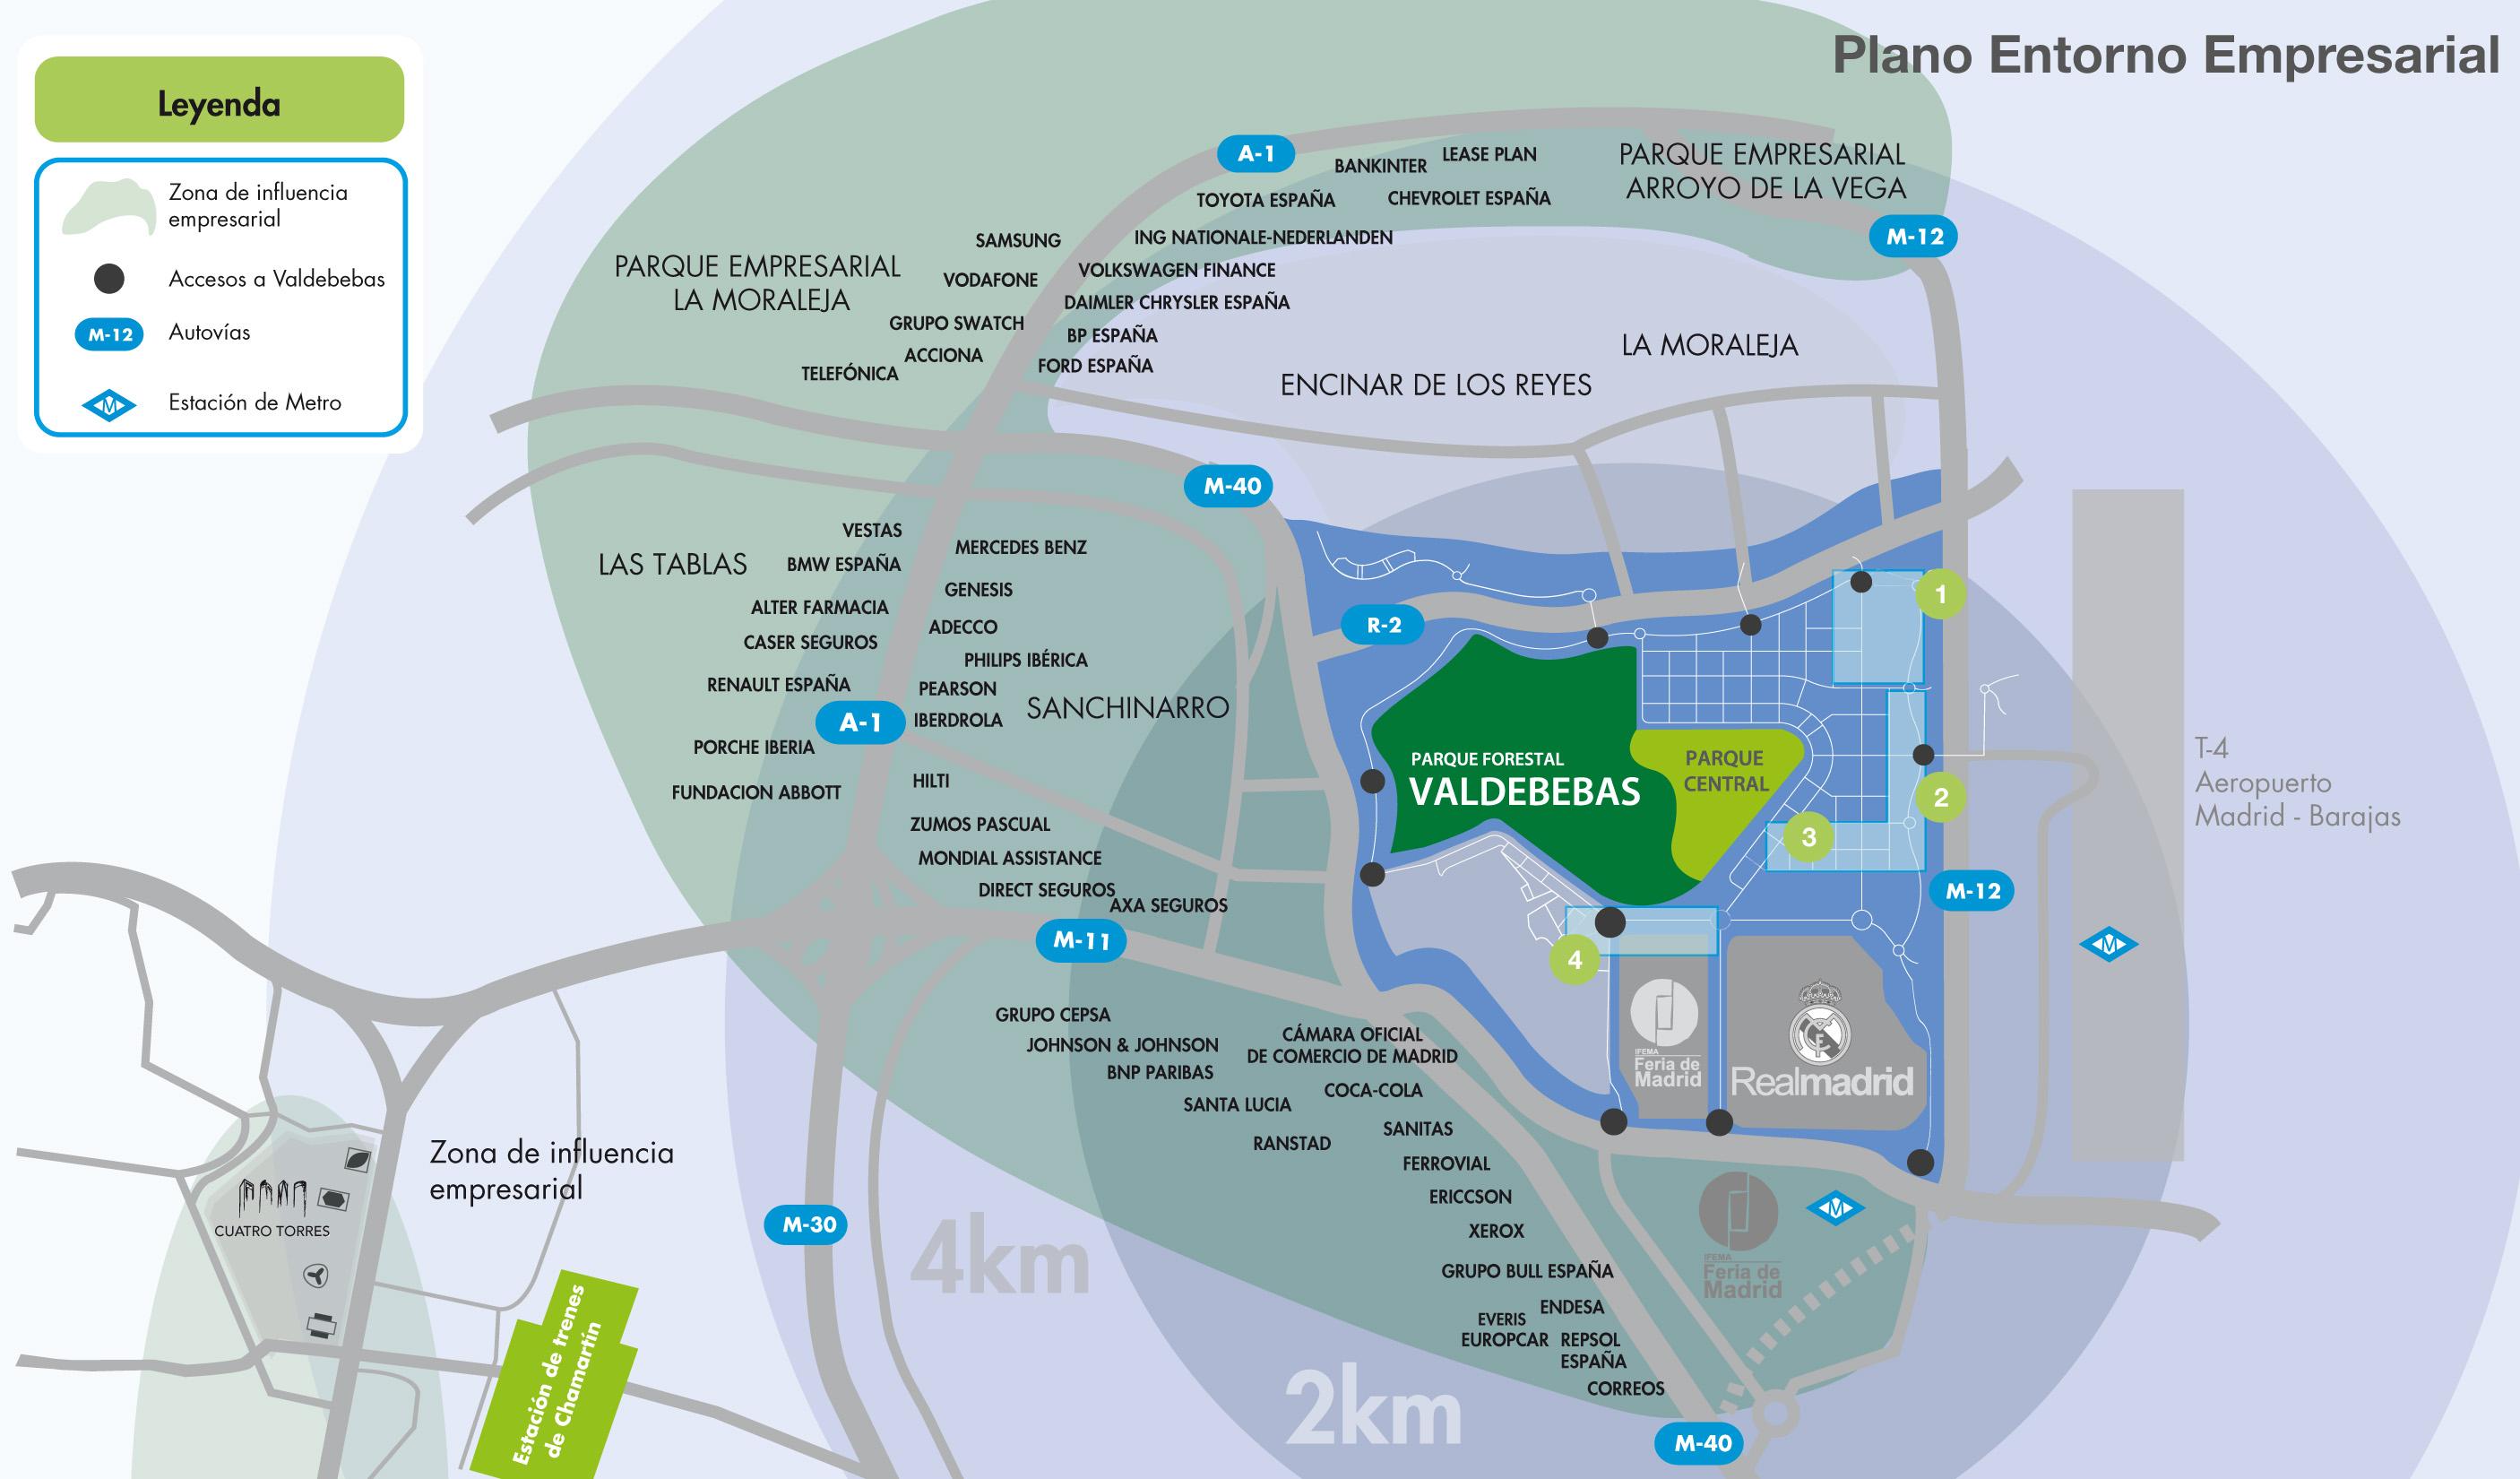 Plano de ubicación de parcelas de uso terciario (oficinas y hoteles) en Valdebebas